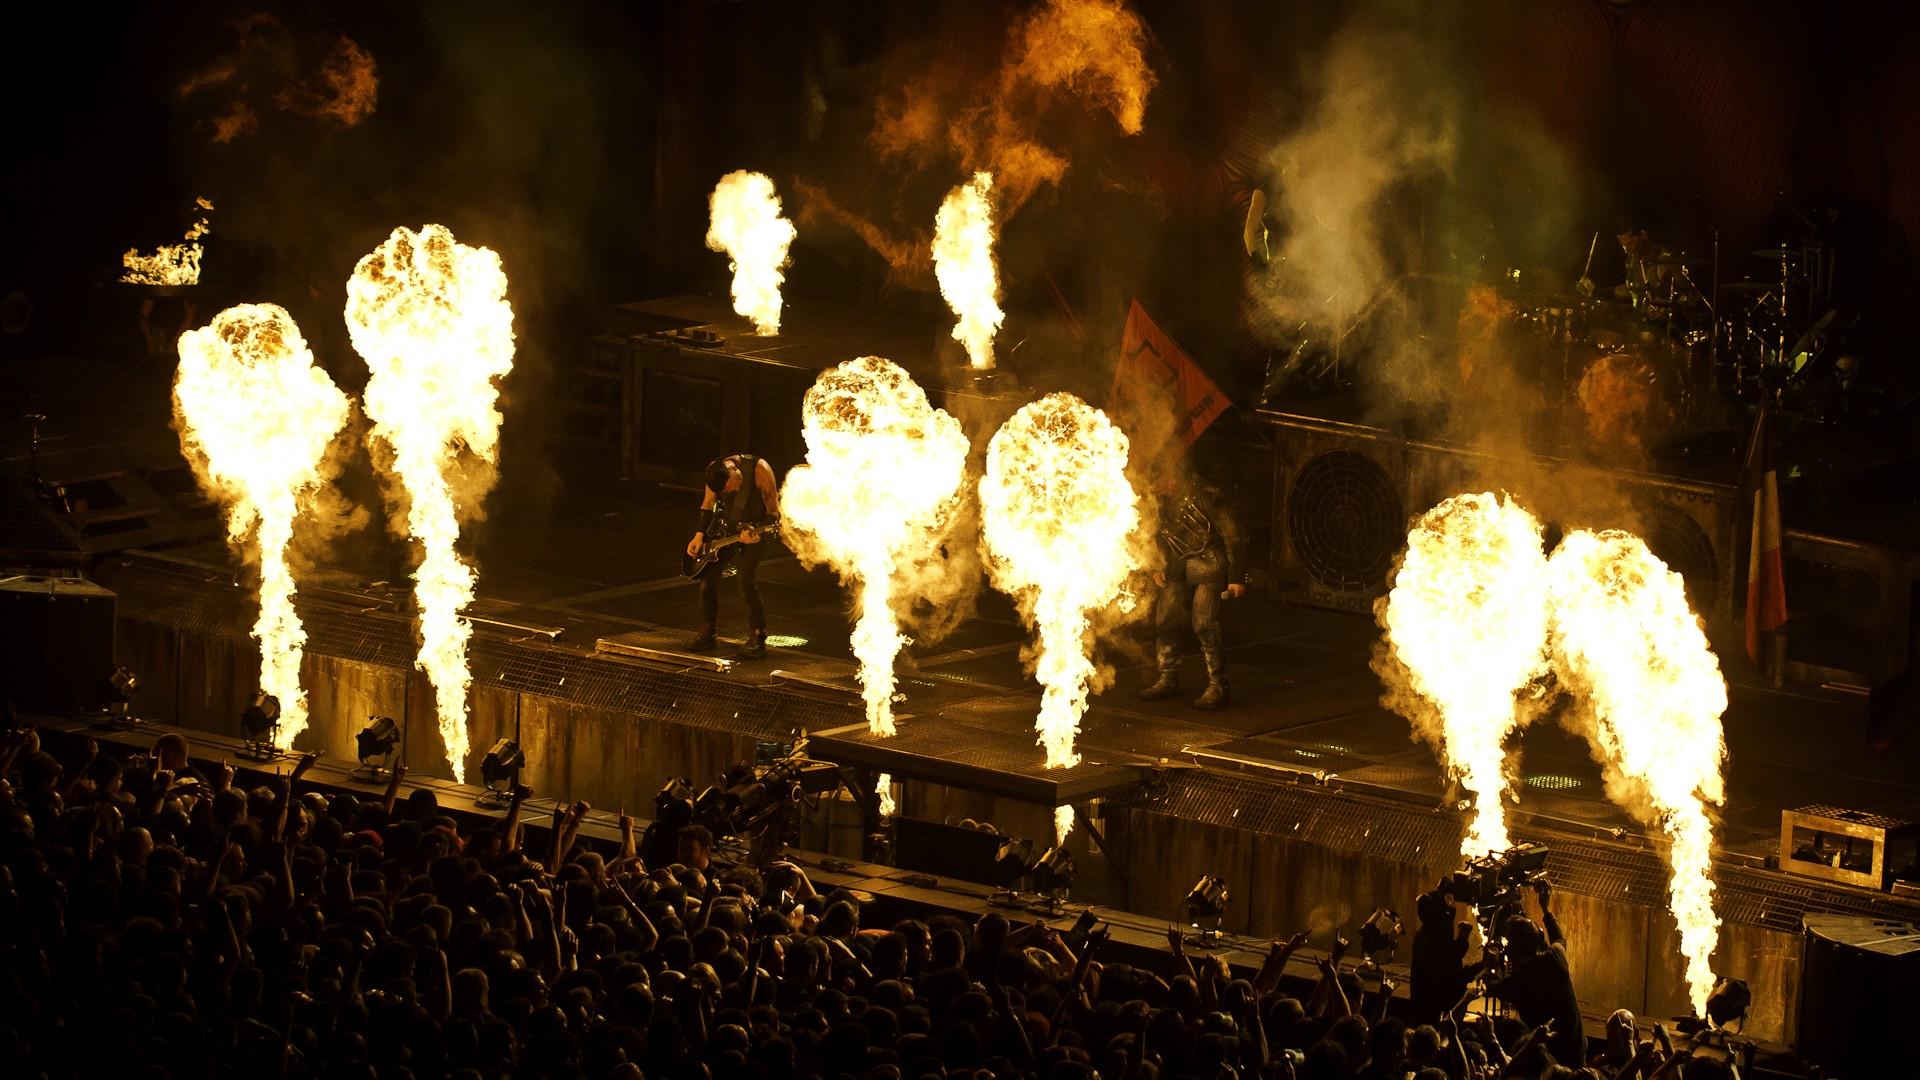 Rammstein industrial metal heavy concert concerts fire f wallpaper